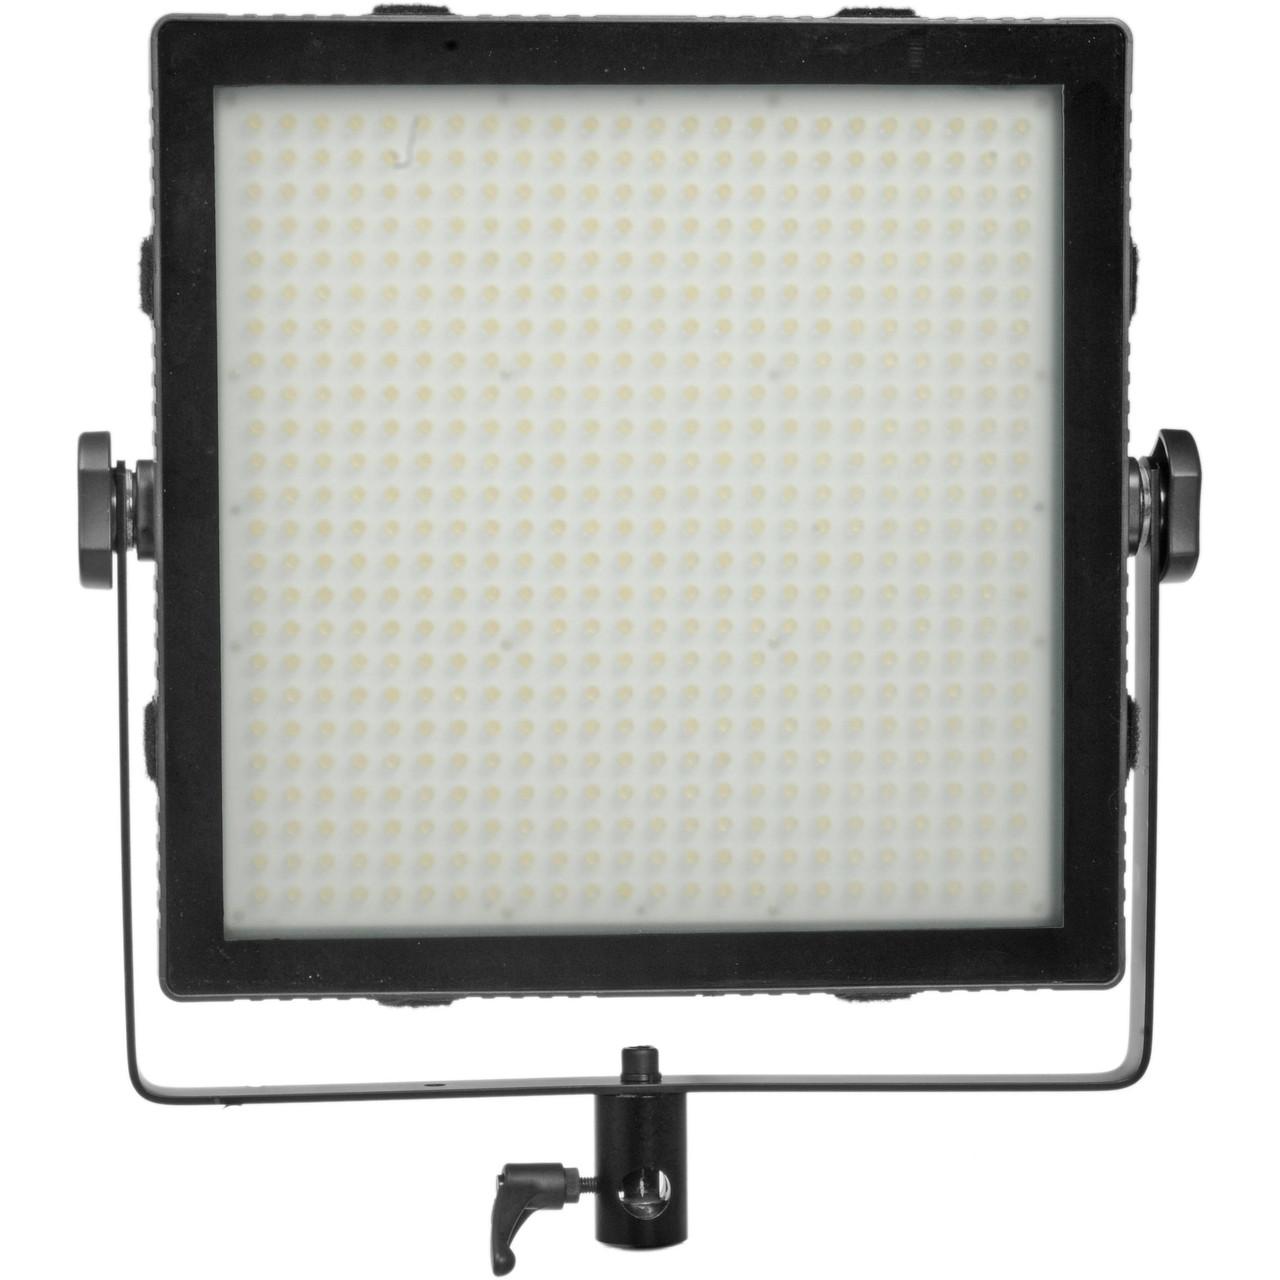 Dedolight Felloni Tecpro 50 Degree High Output Daylight LED Light (TP-LONI-D50HO)